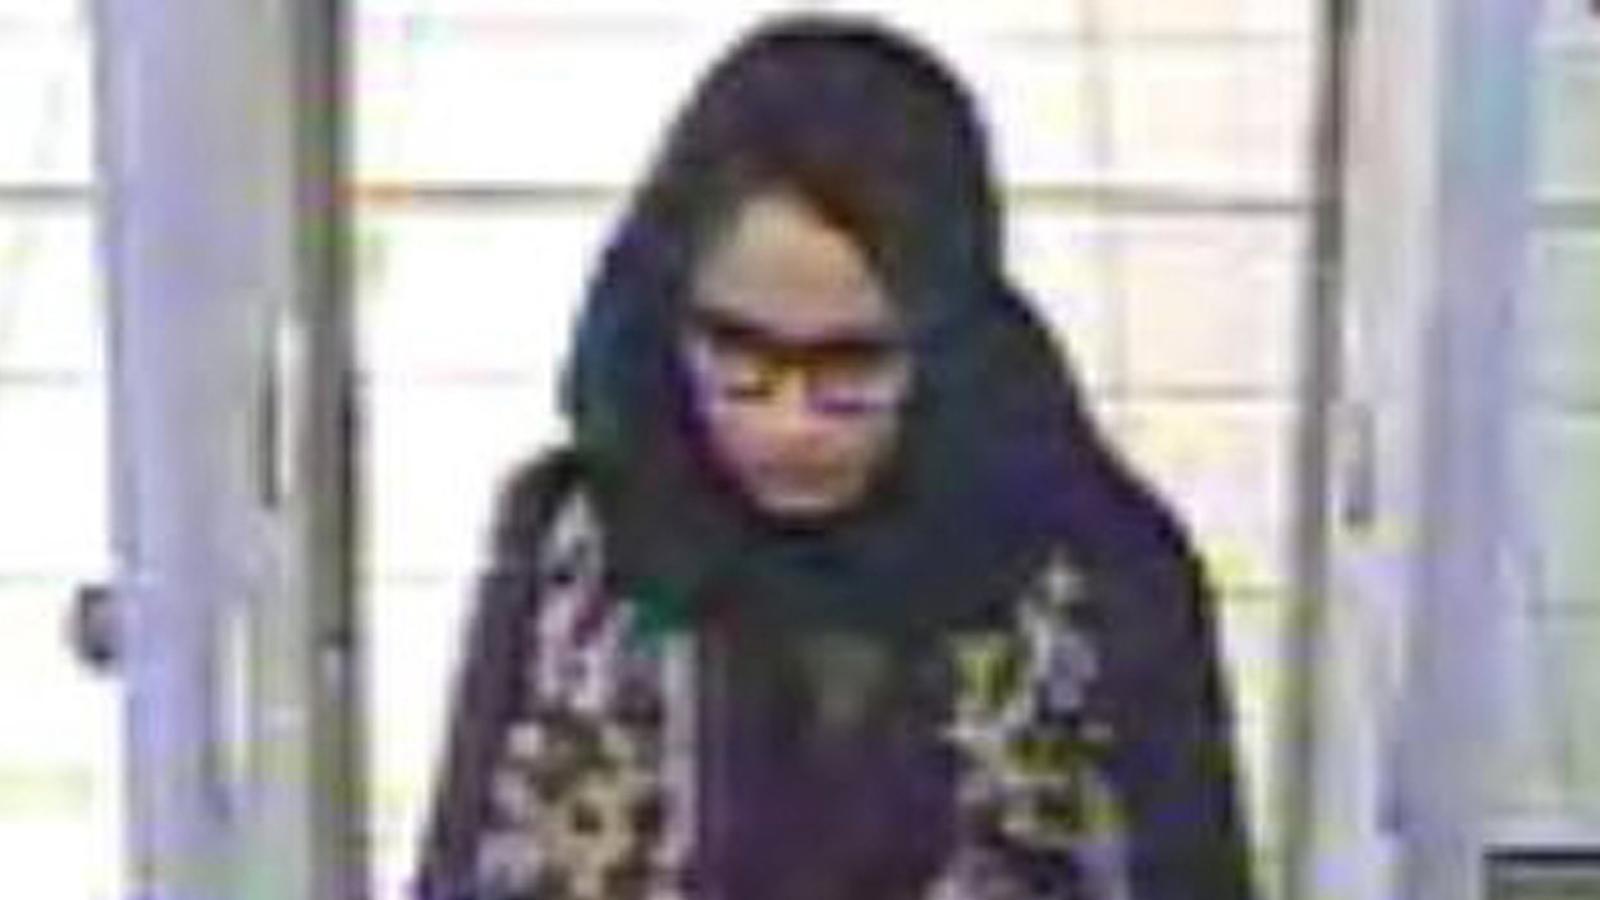 Shamima Begum, en el moment en què passava el control de l'aeroport durant la seva fugida a Síria